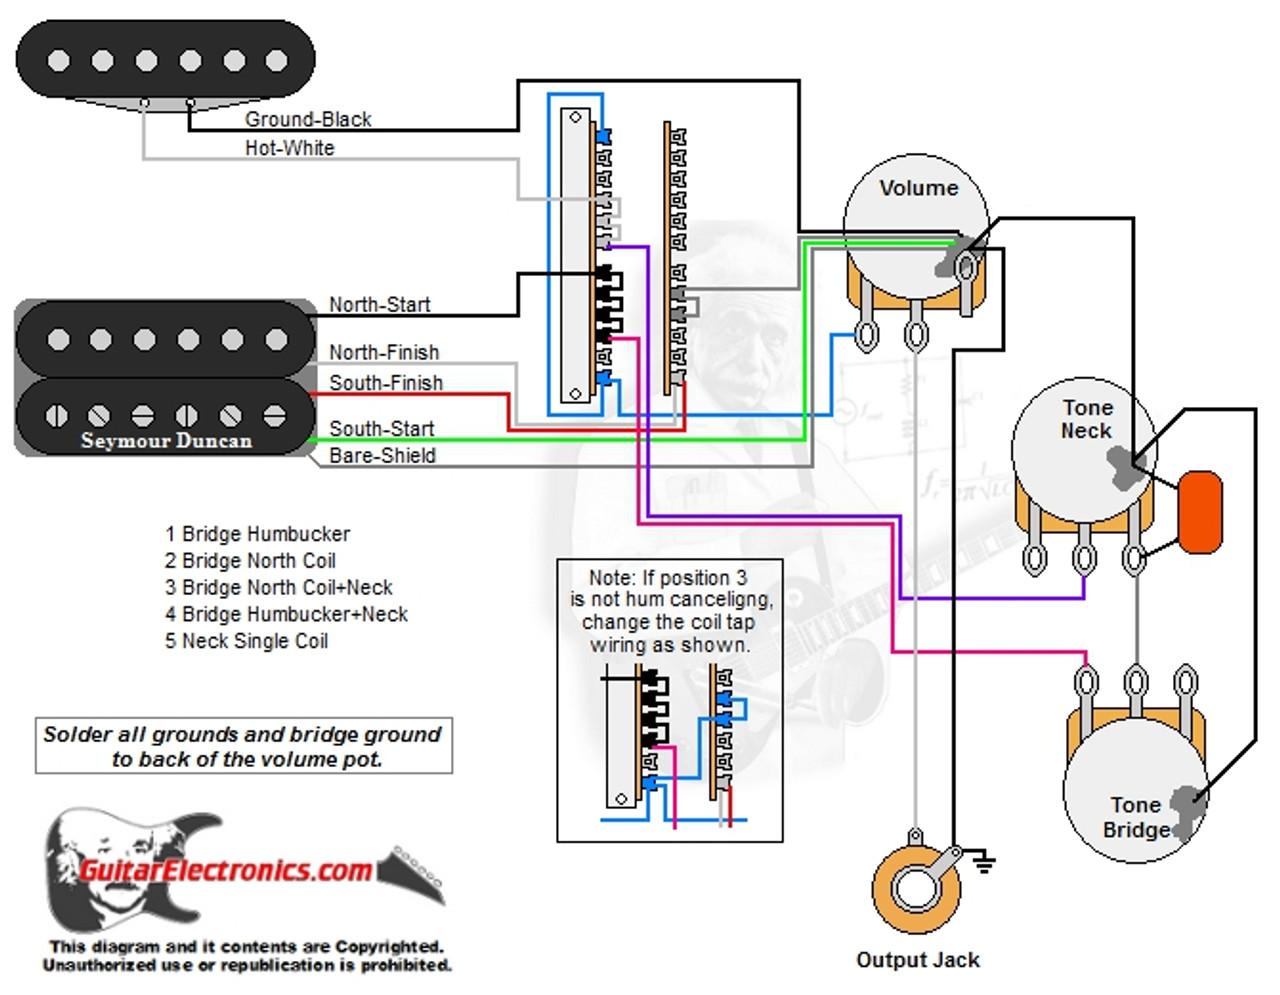 hs wiring diagram wiring diagram guitar wiring diagram hs [ 1280 x 995 Pixel ]